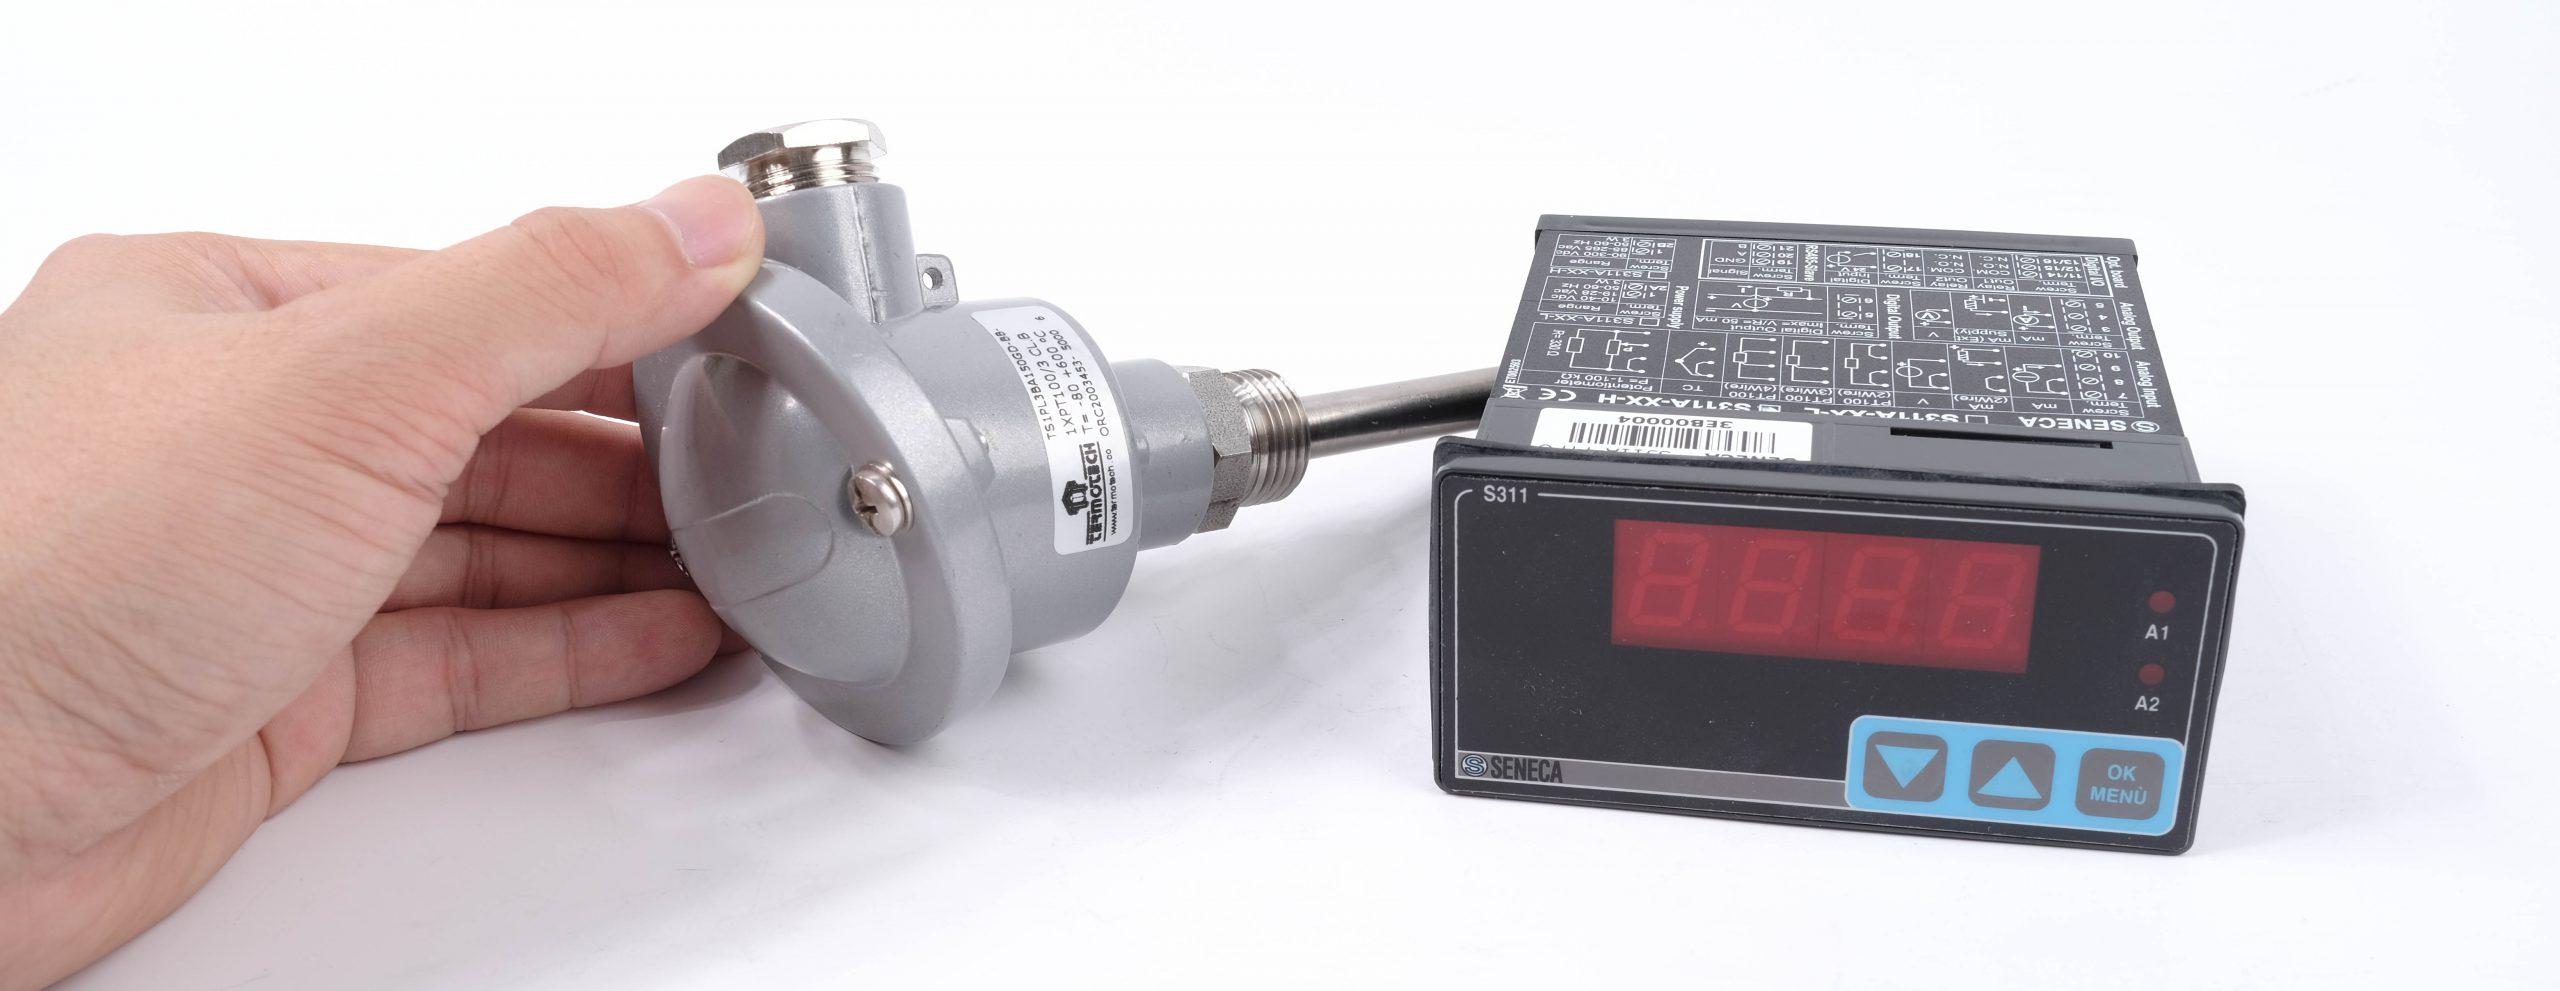 Ứng dụng bộ hiển thị nhiệt độ S311A